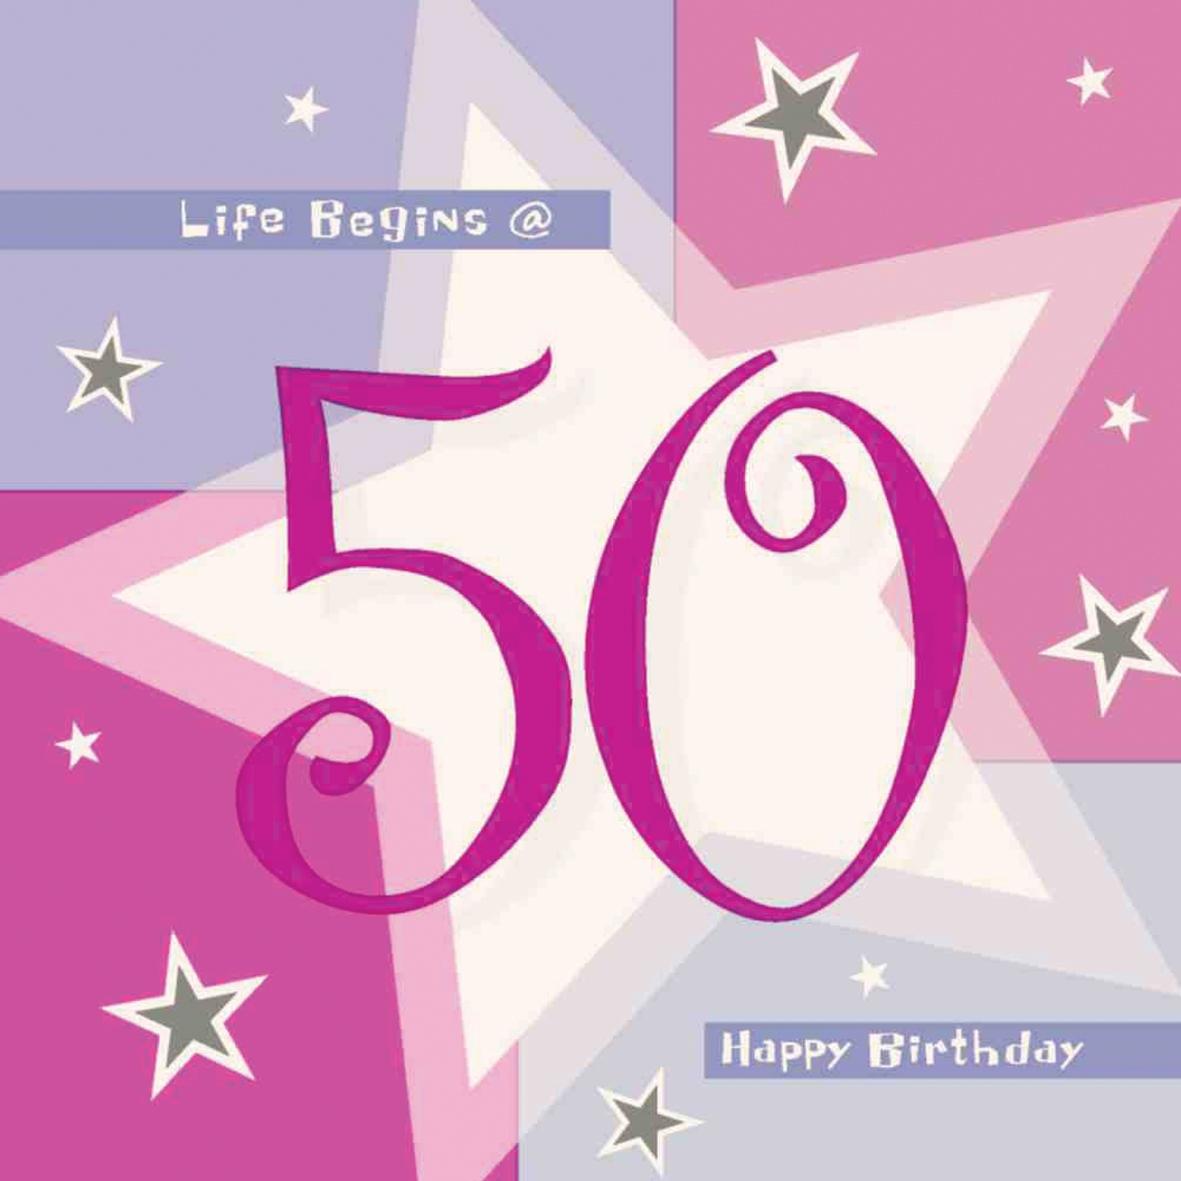 Servietten 50 geburtstag deko partydeko tischdeko pink ebay Deko 30 geburtstag pink